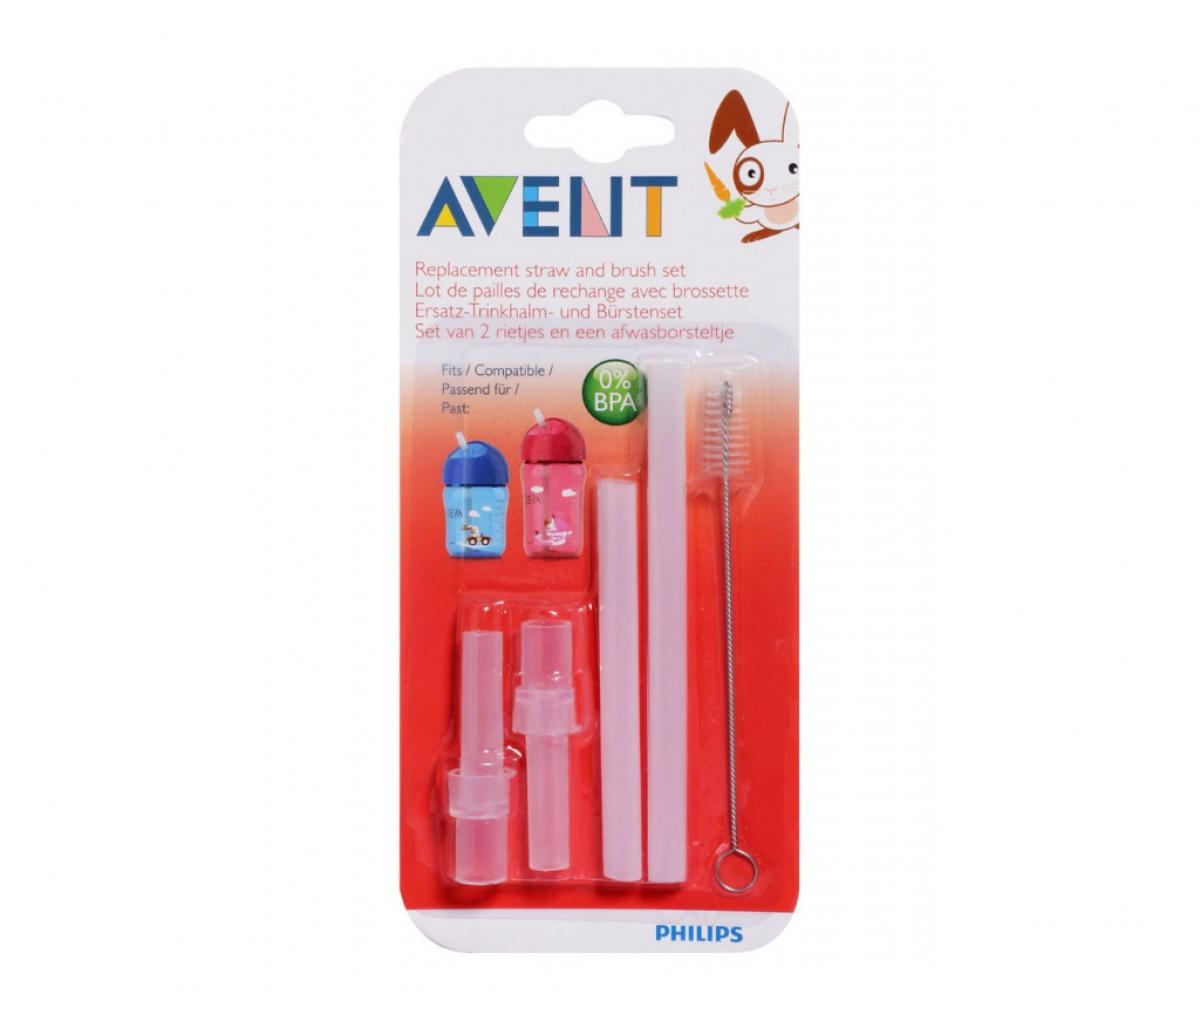 Avent Rep. Straw N Brush Set SCF764/00